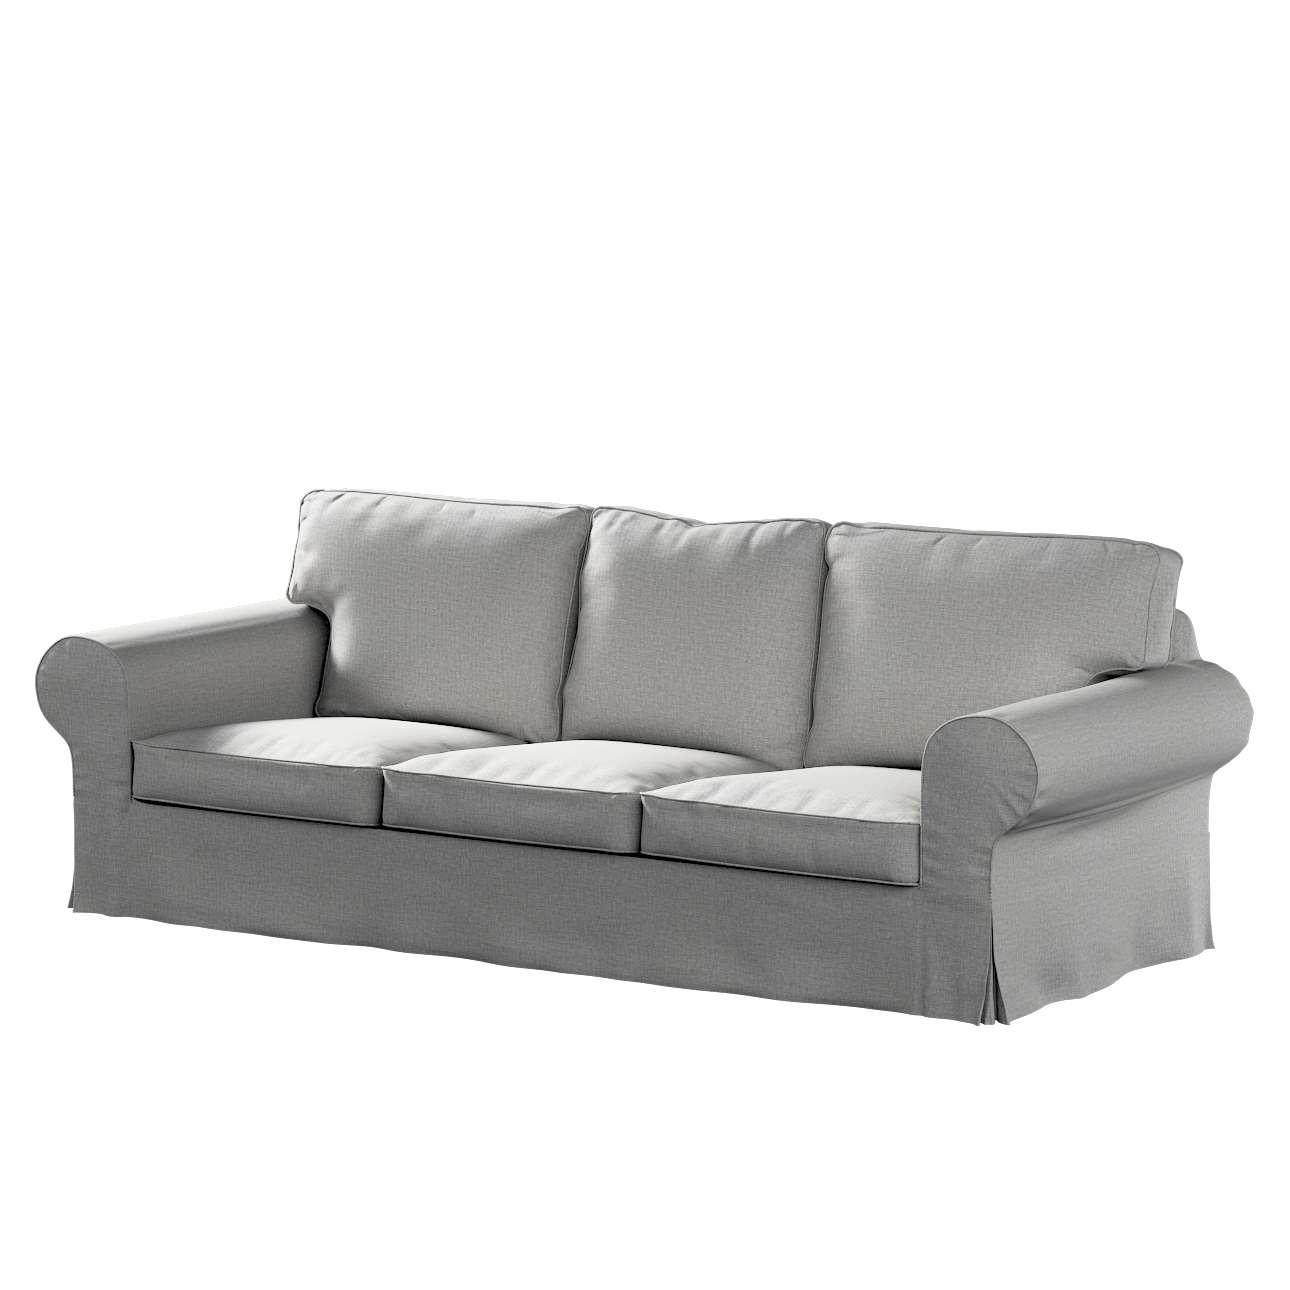 Pokrowiec na sofę Ektorp 3-osobową, nierozkładaną w kolekcji Living II, tkanina: 160-89